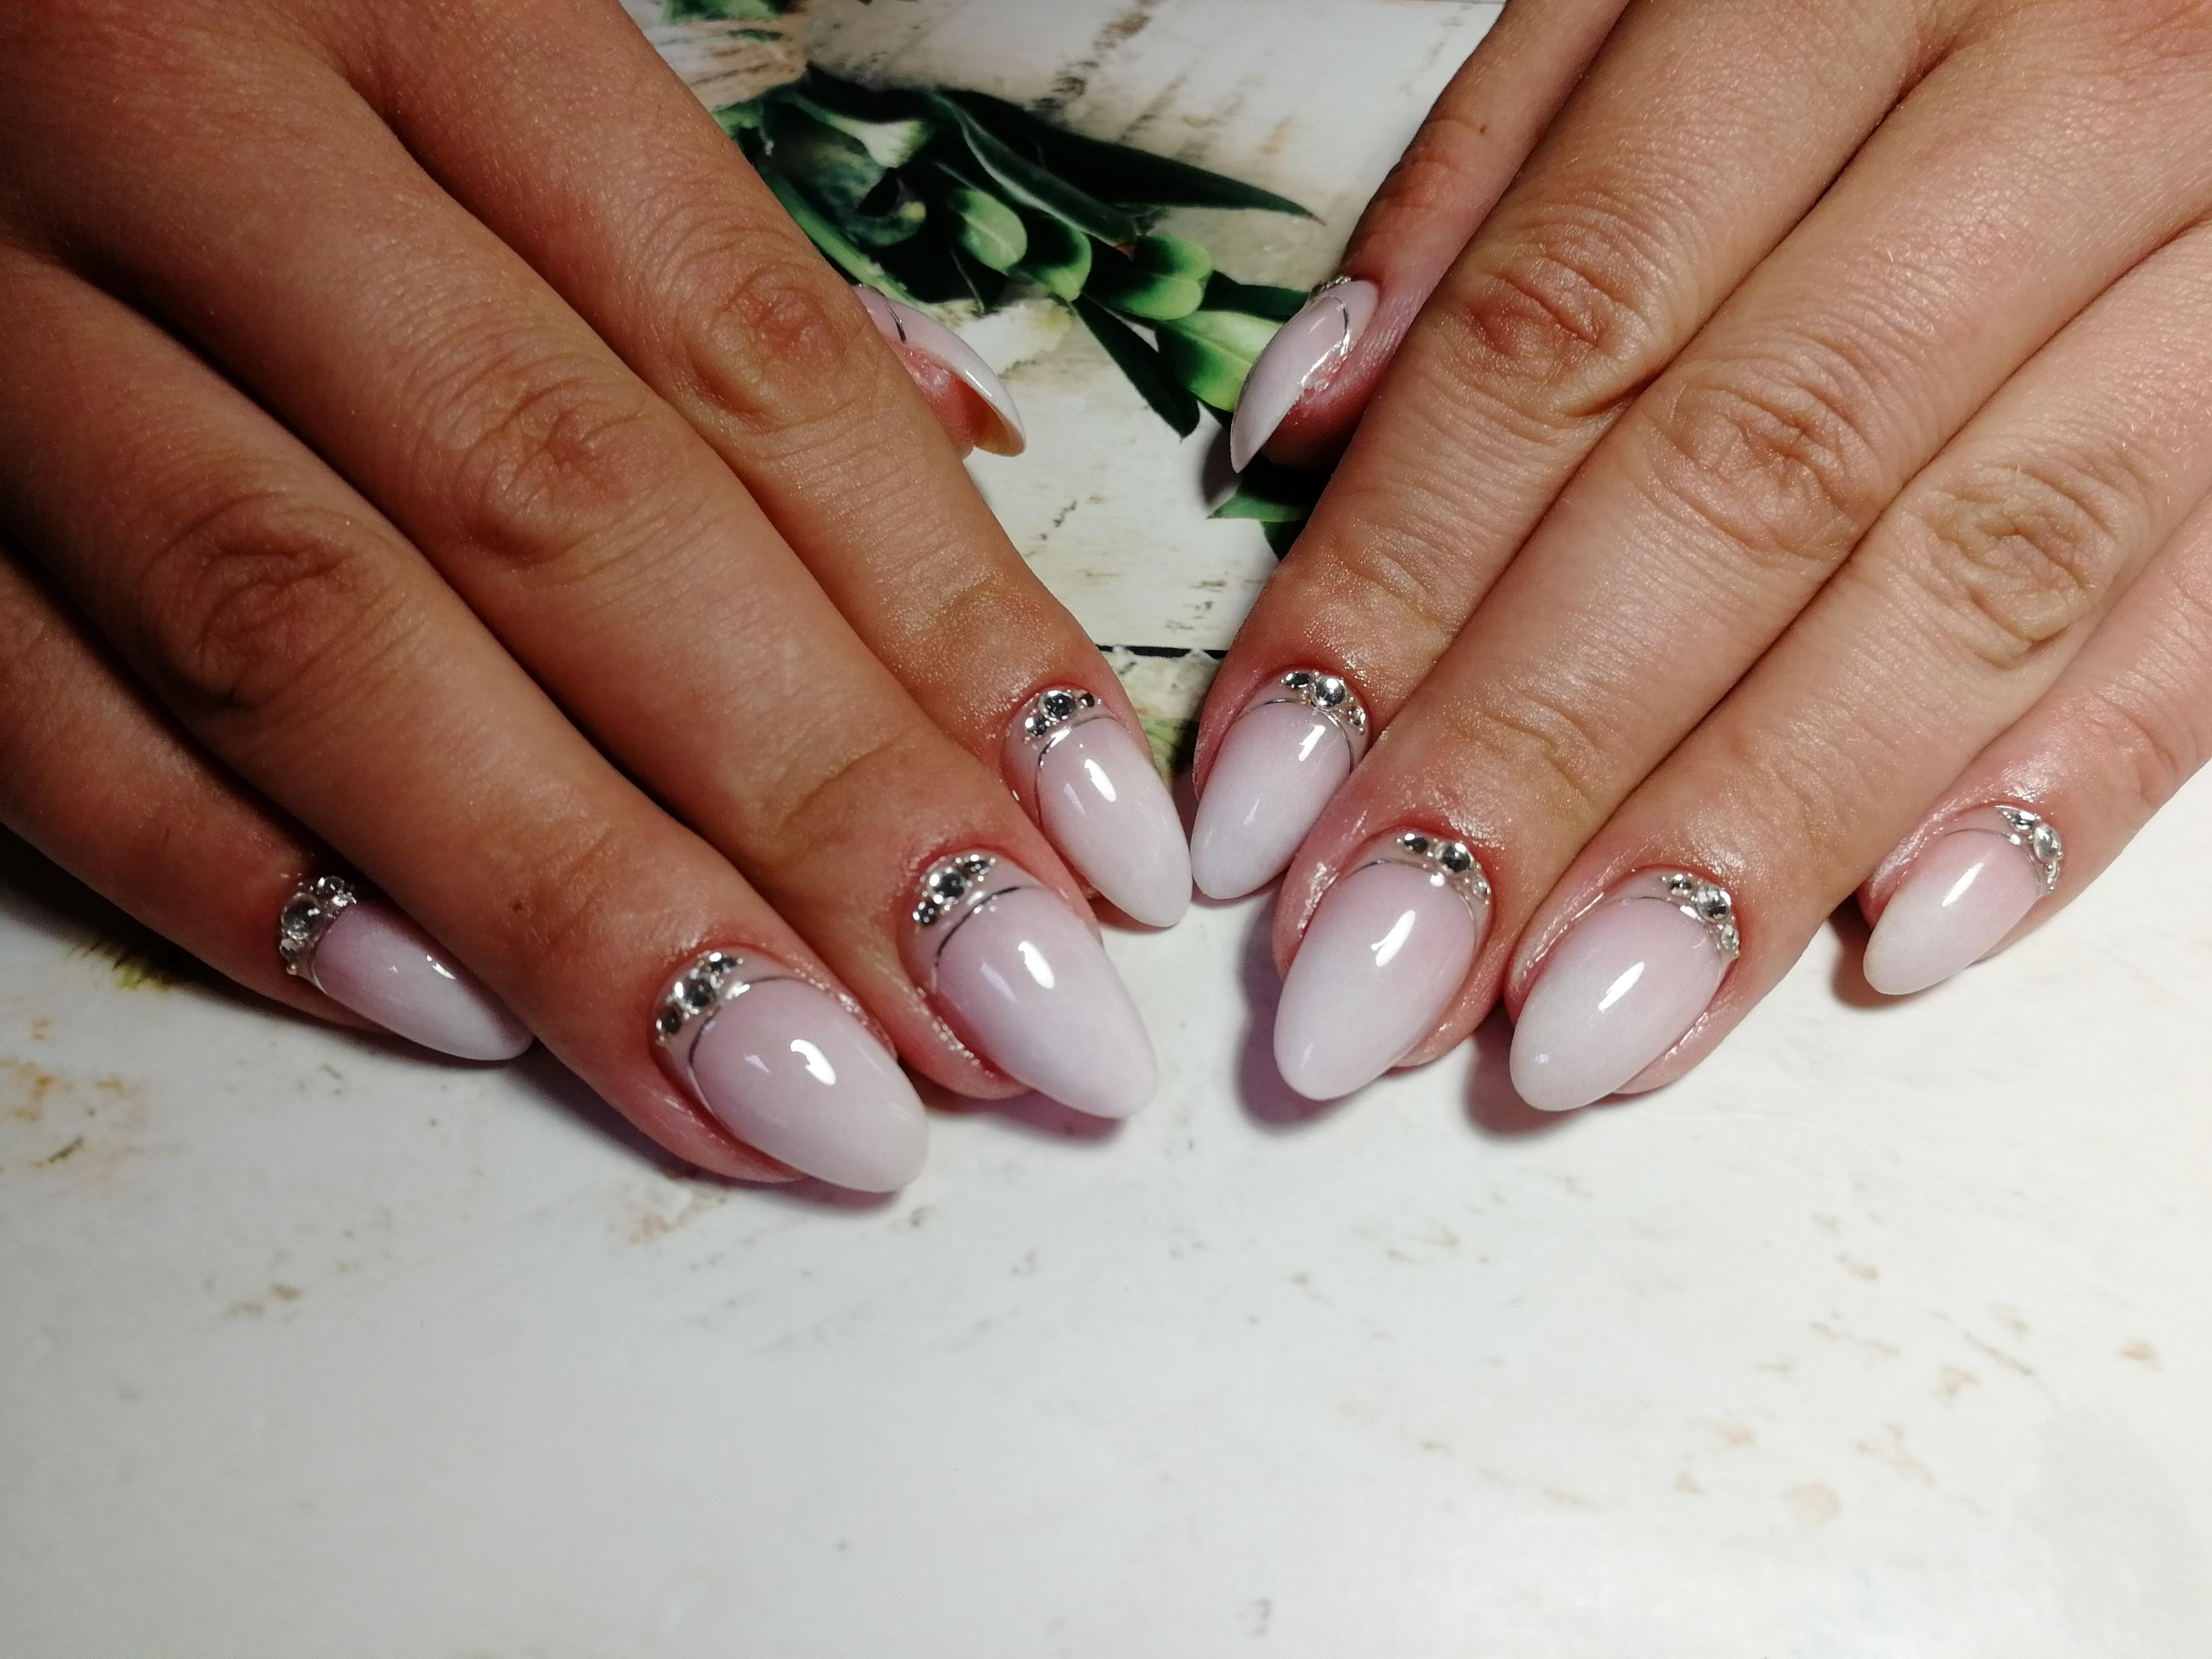 Лунный маникюр со стразами и серебряными полосками в молочном цвете на длинные ногти.